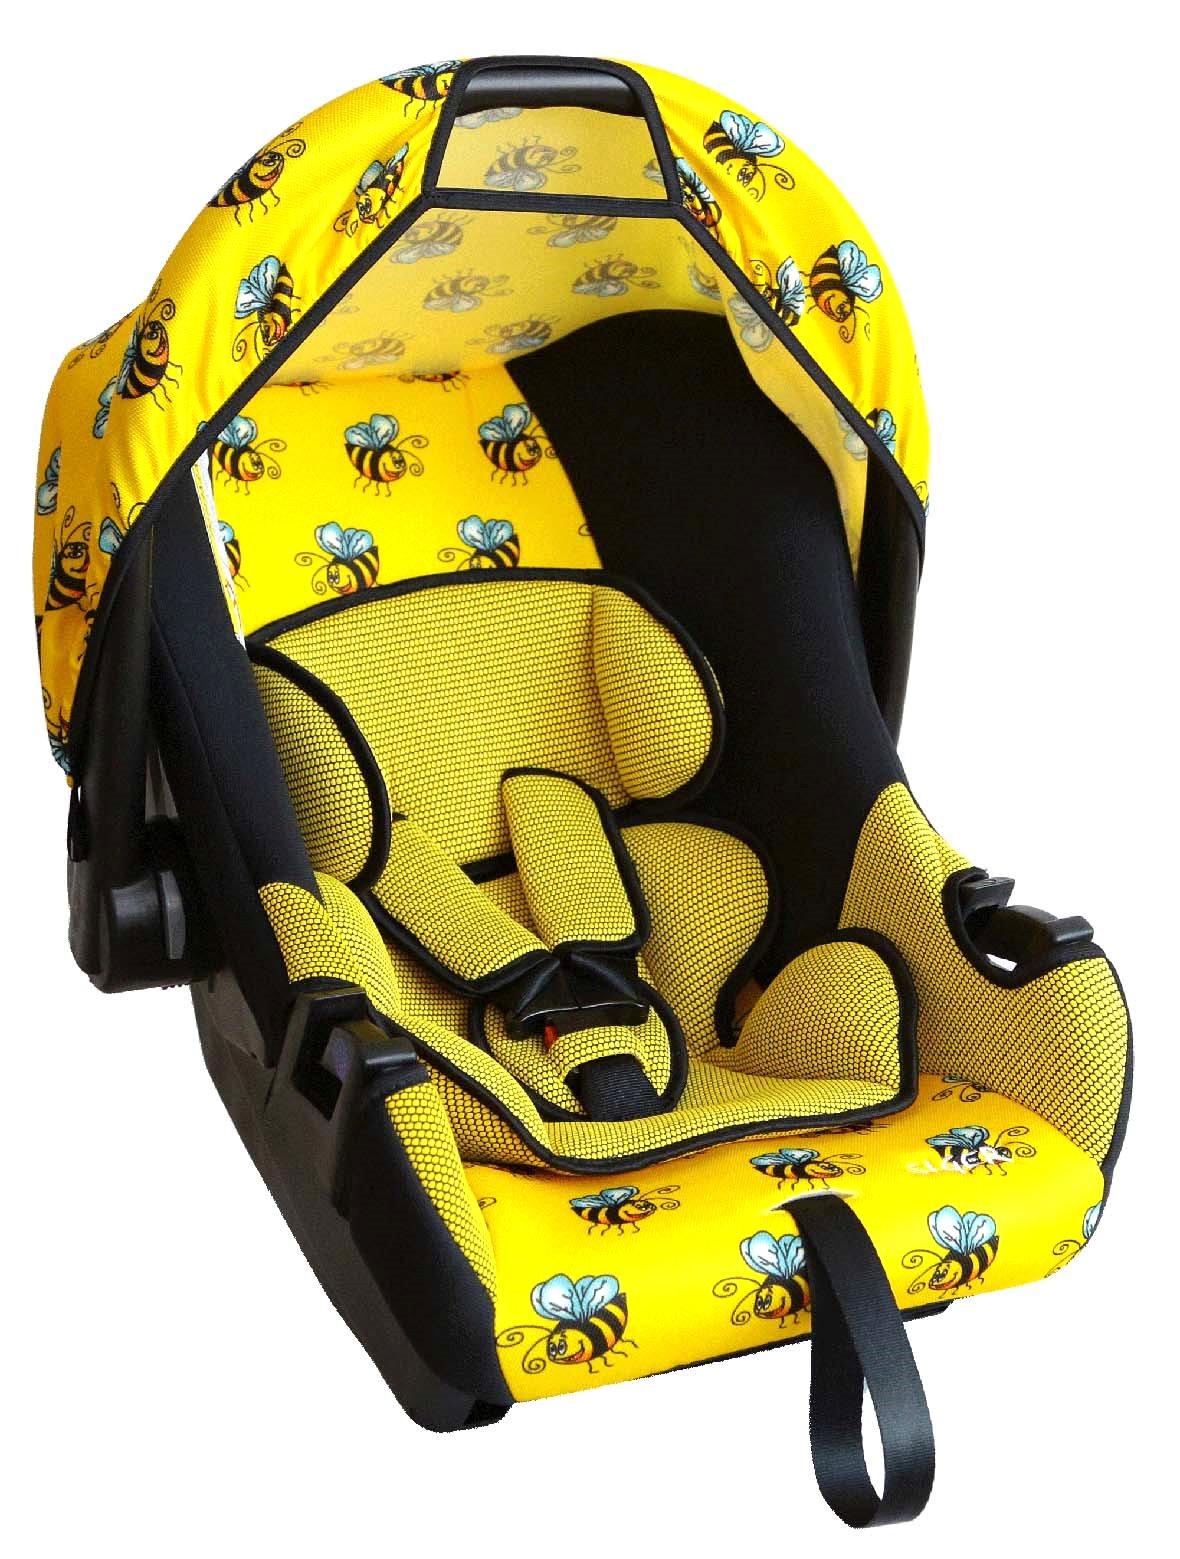 Детское автомобильное кресло Siger ЭГИДА ЛЮКС КРЕС0138